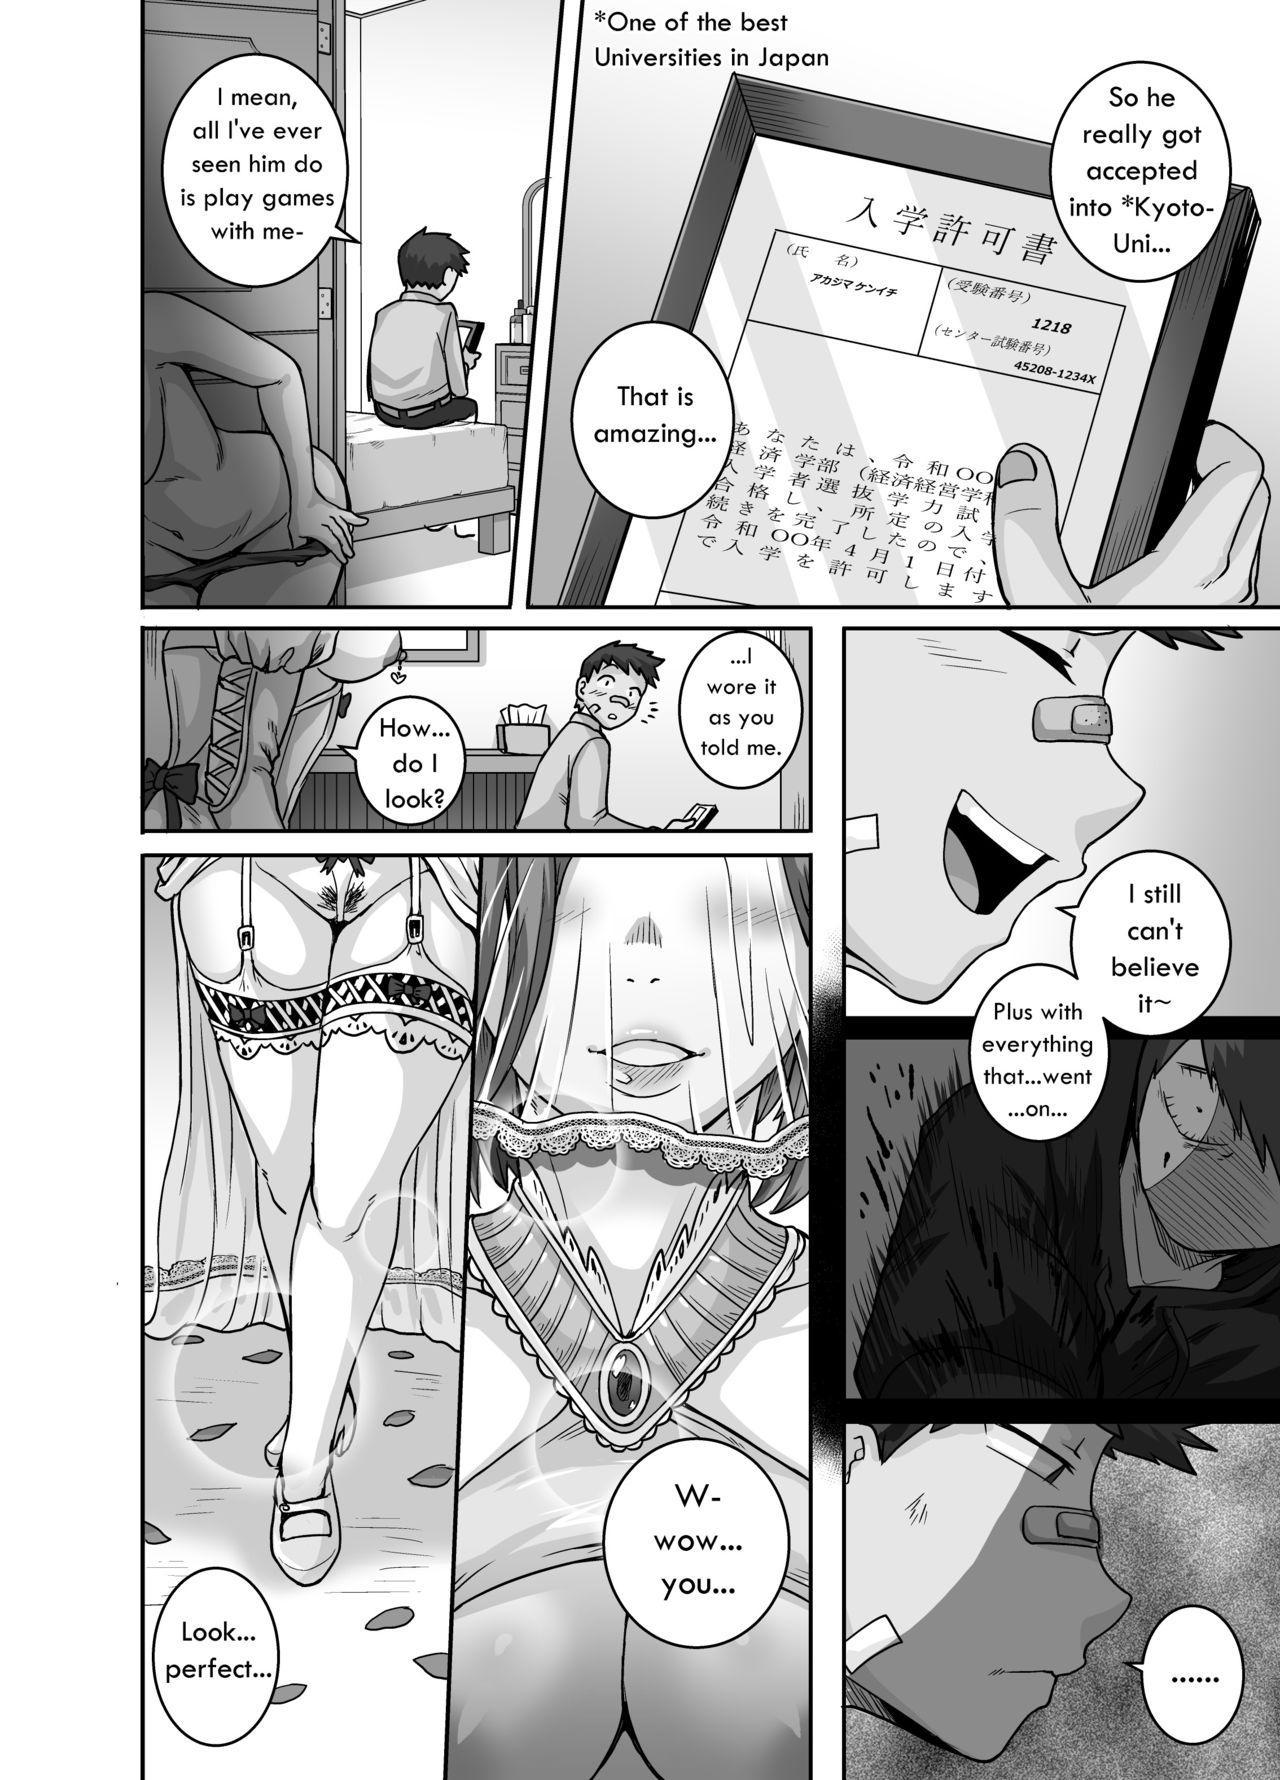 [Juna Juna Juice] Jukujo Daisuki : Naomi-san(40-sai)  1-5 + Epilogue [English] 129